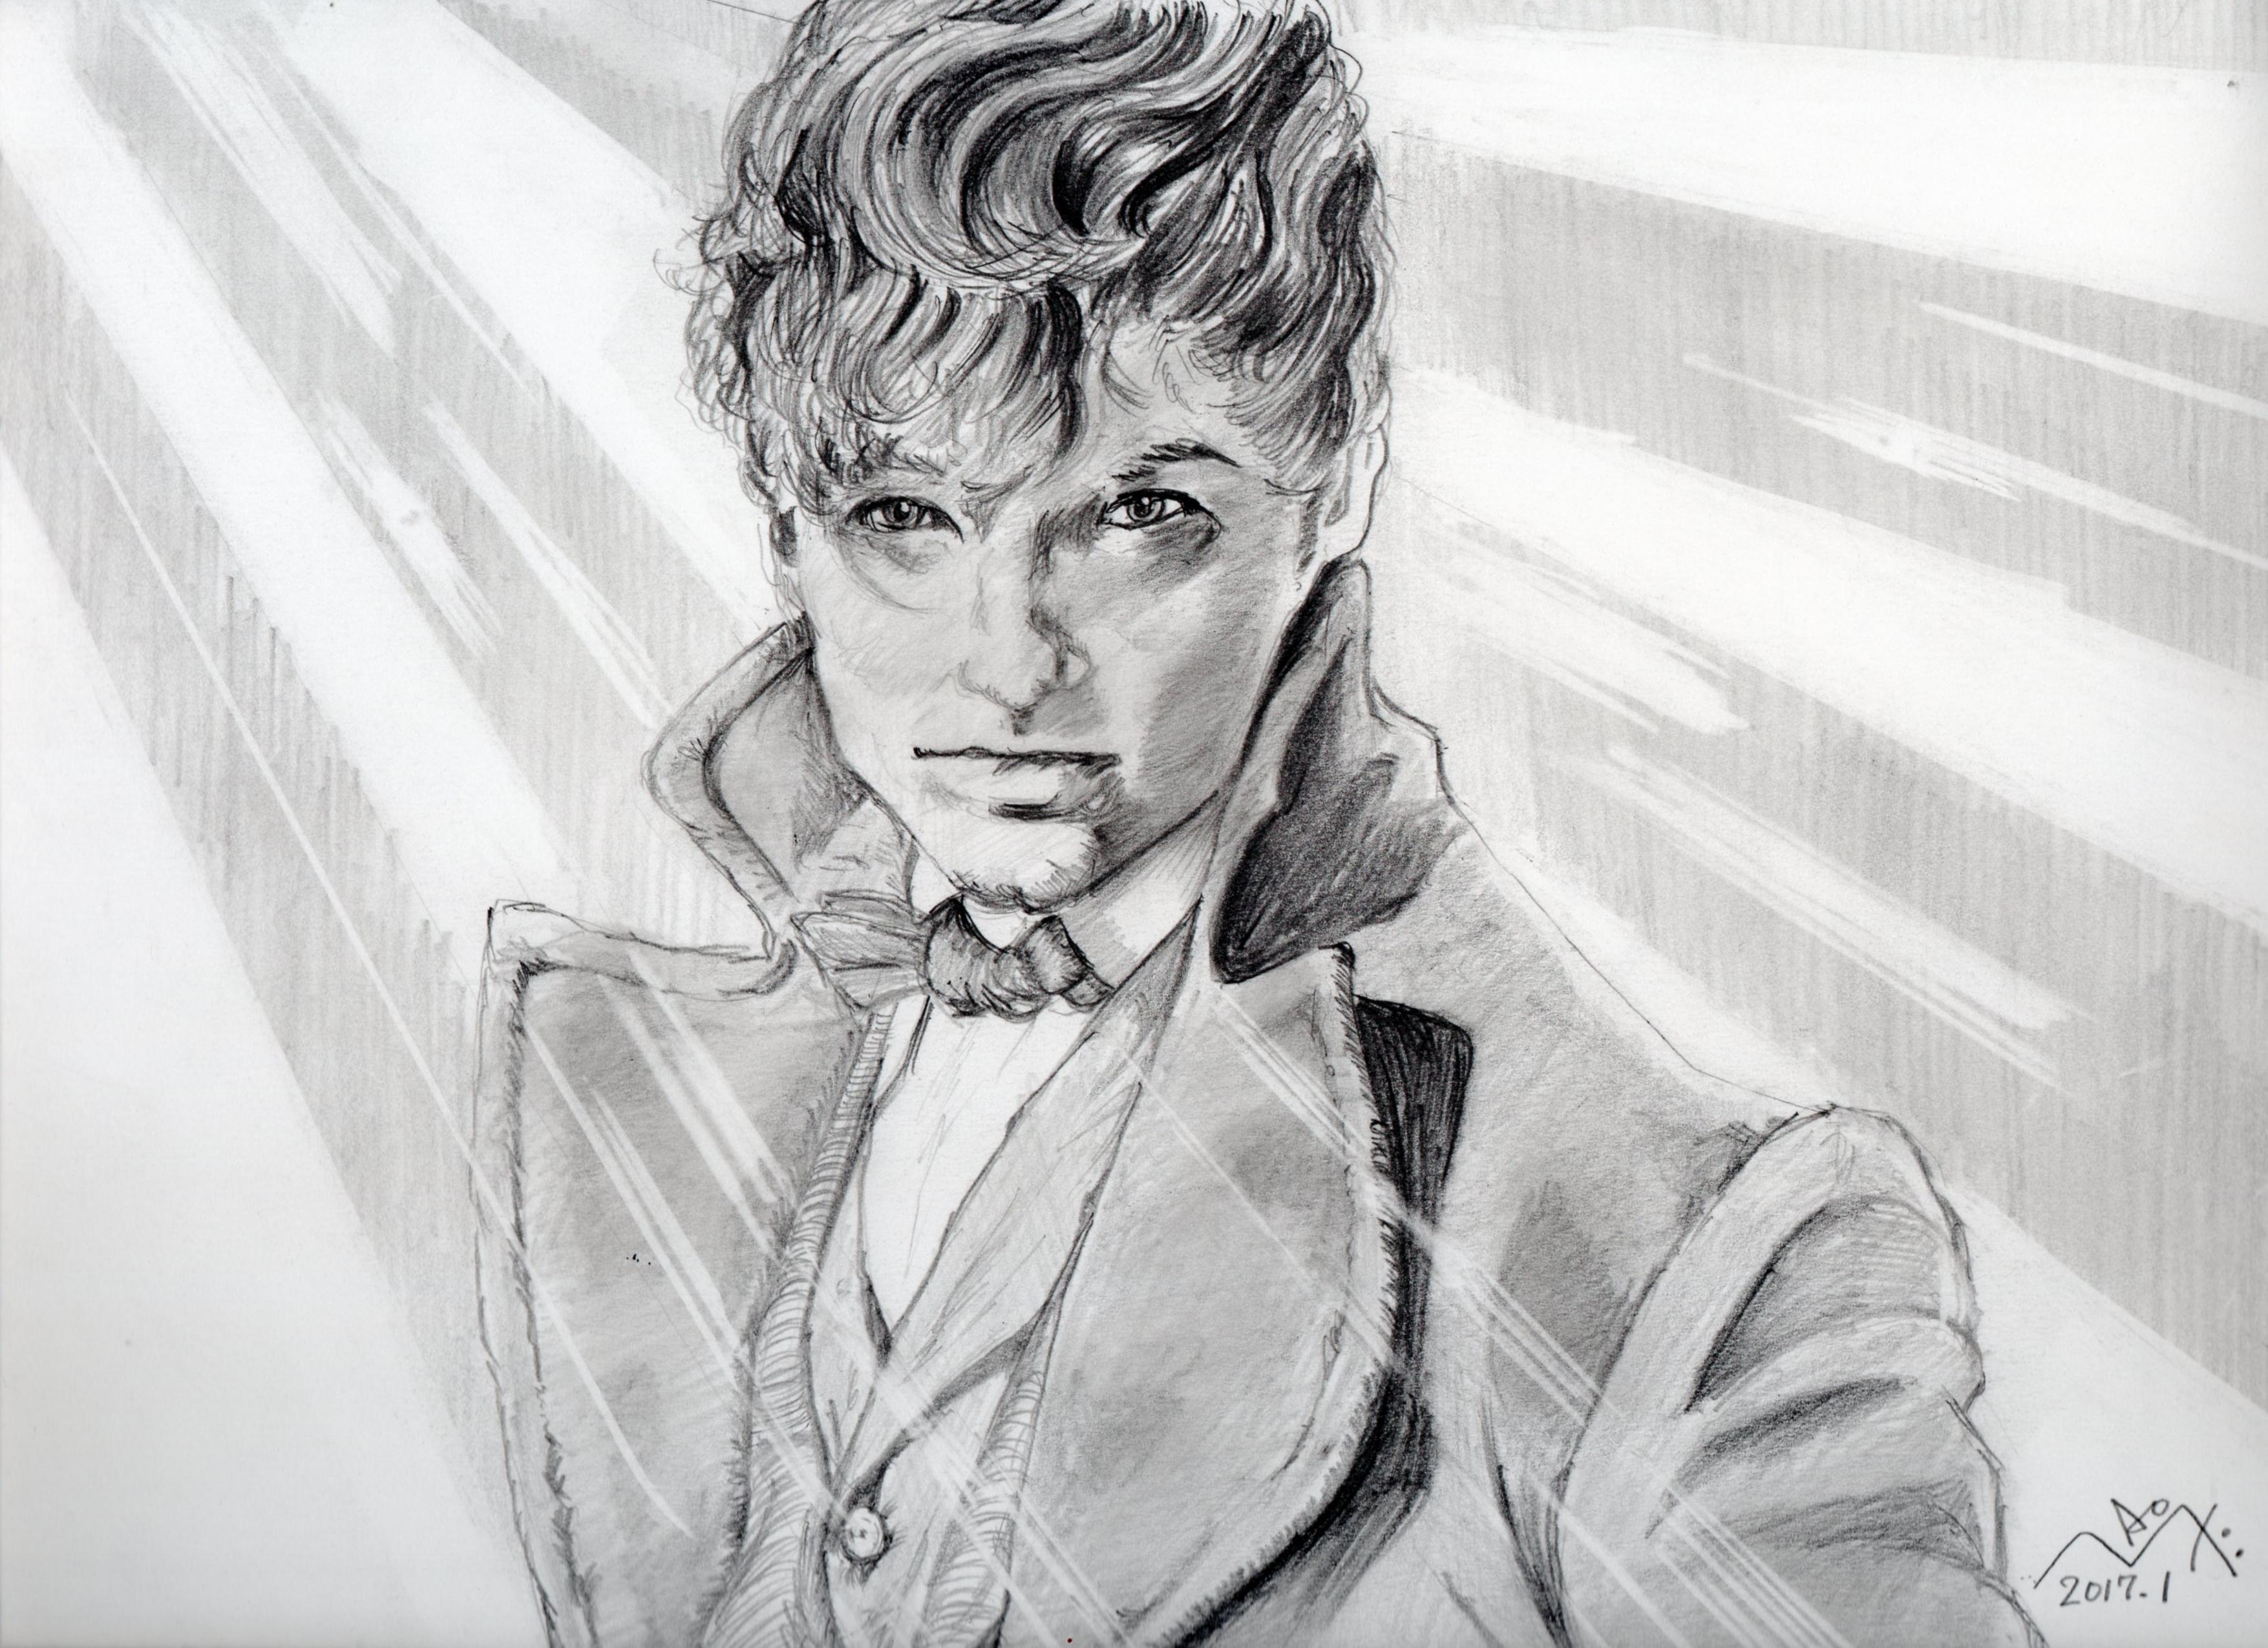 エディ・レッドメインの鉛筆画似顔絵